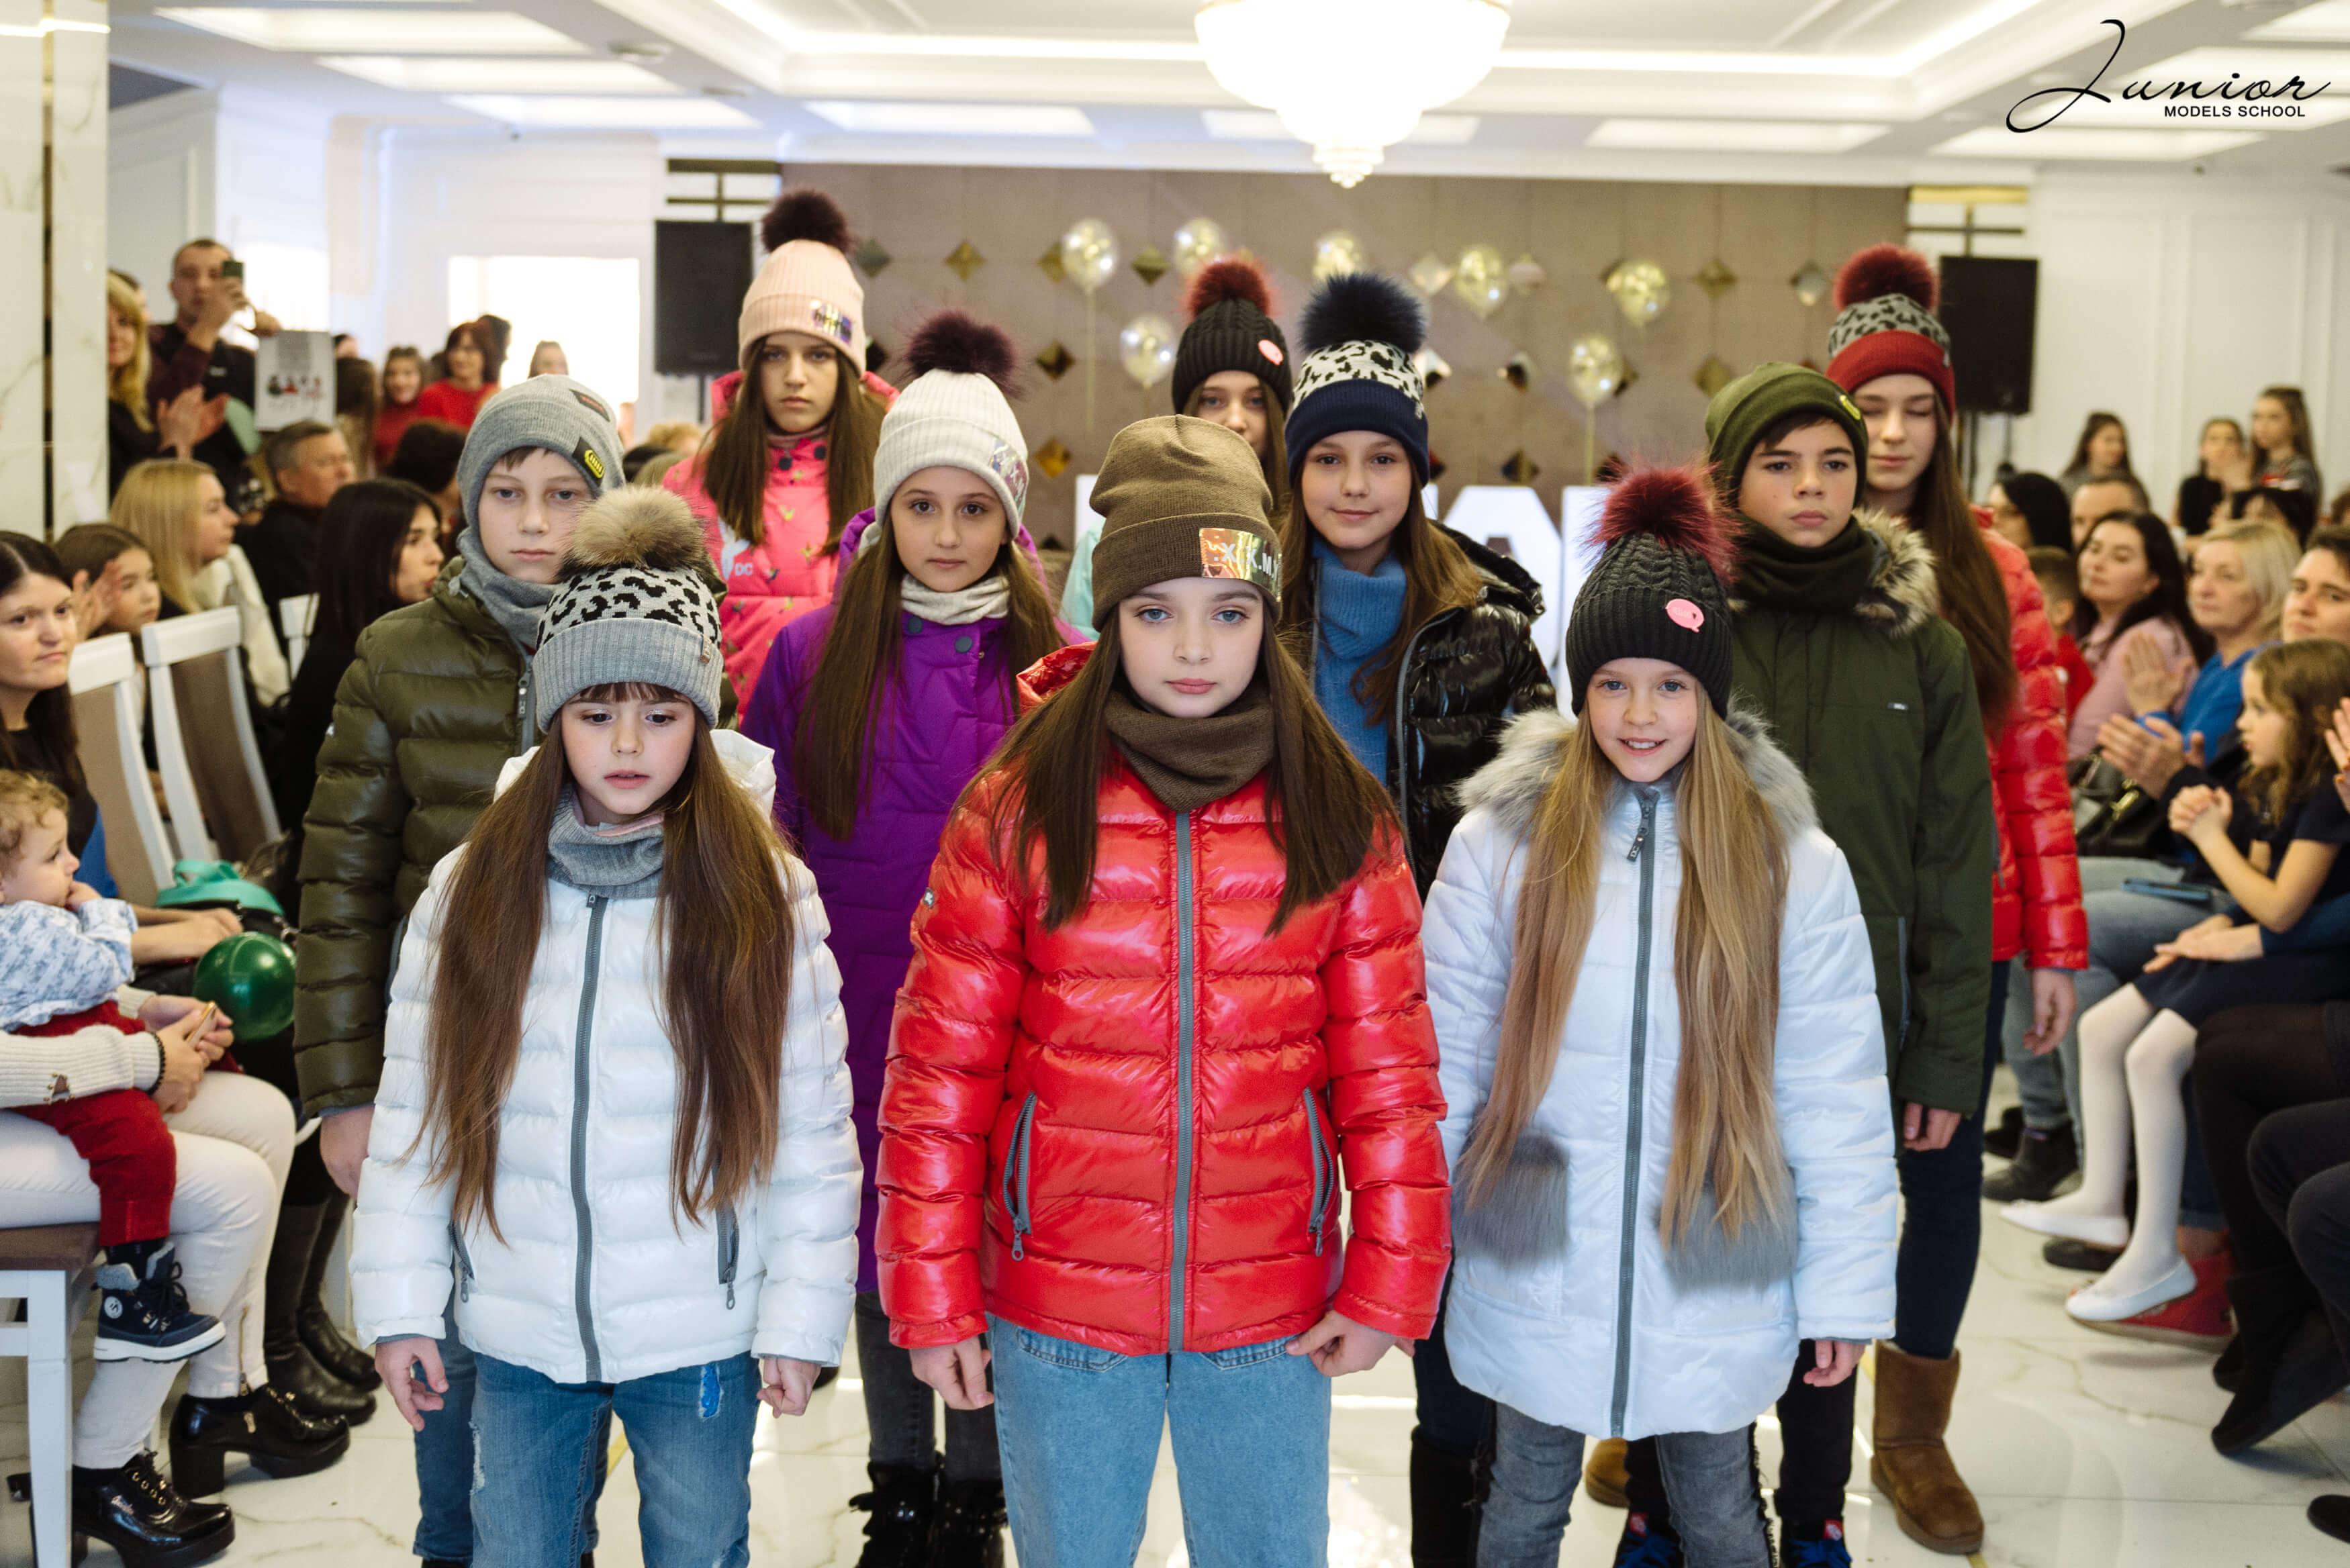 """Компанія """"Dembohouse"""" взяла участь в дитячому показі мод"""